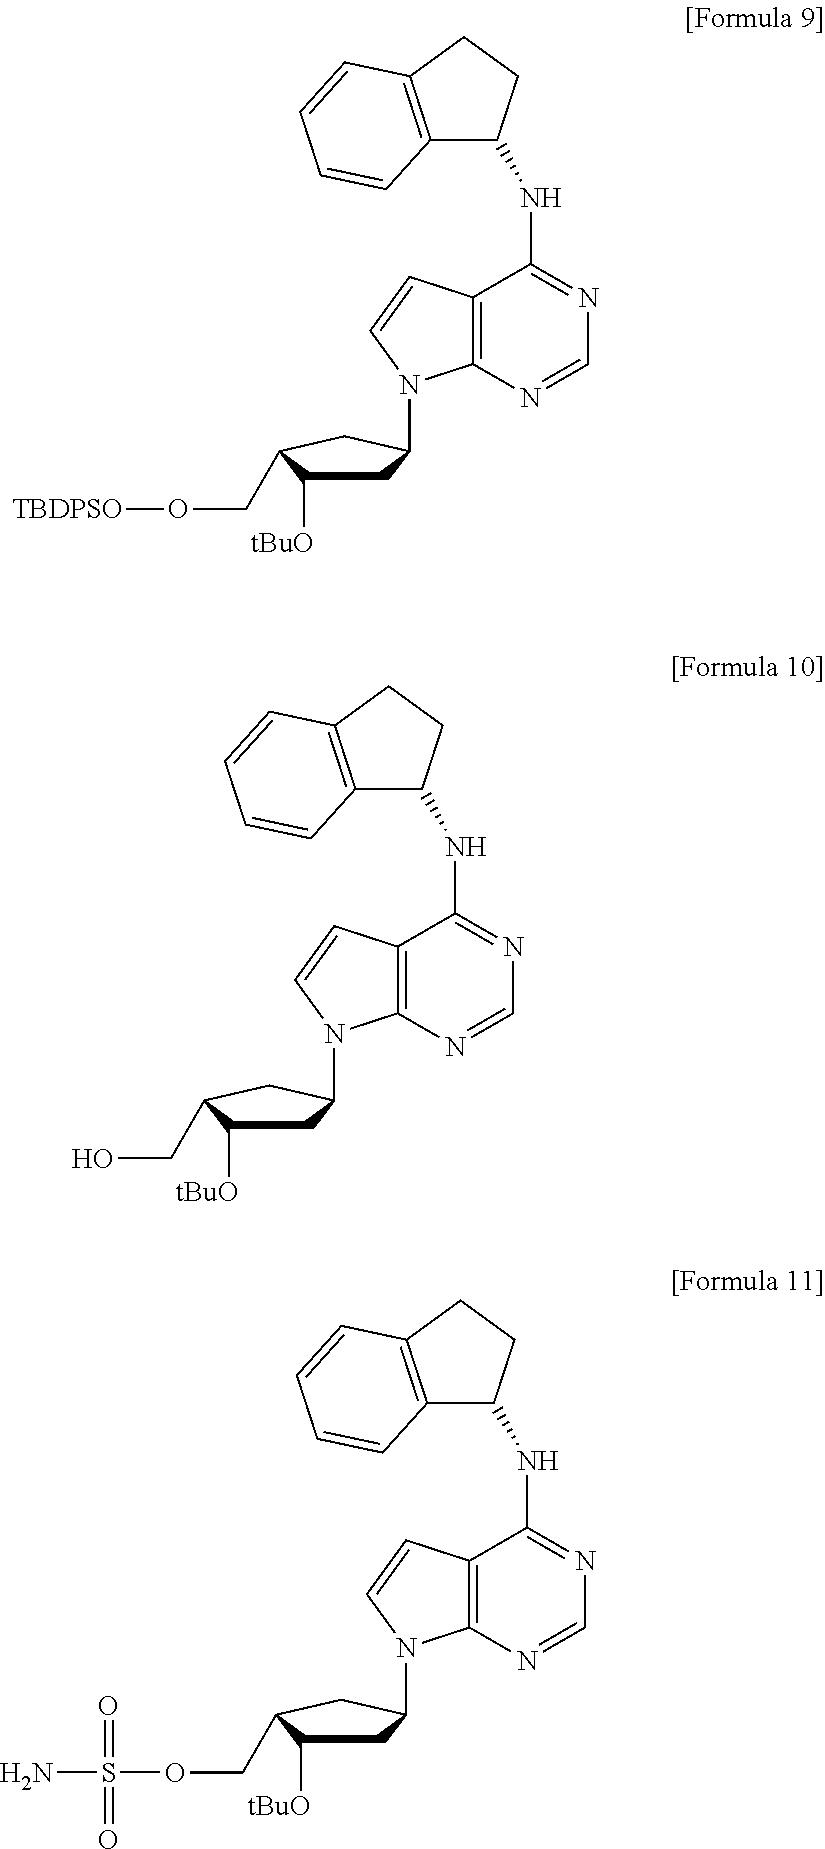 Figure US20120330013A1-20121227-C00002